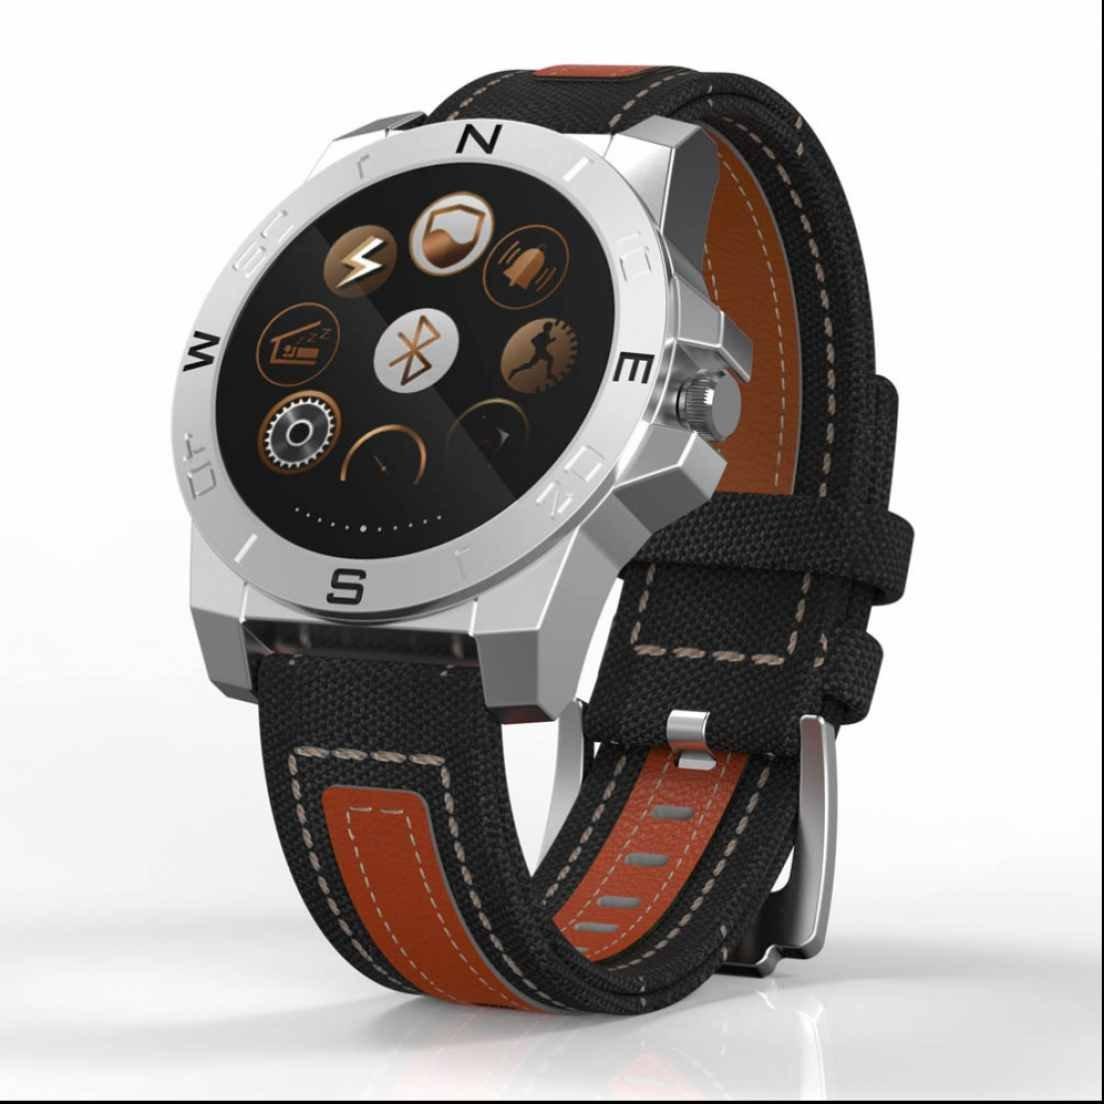 Outdoor Sports Smart Watch Reloj con pulsómetro y brújula ...